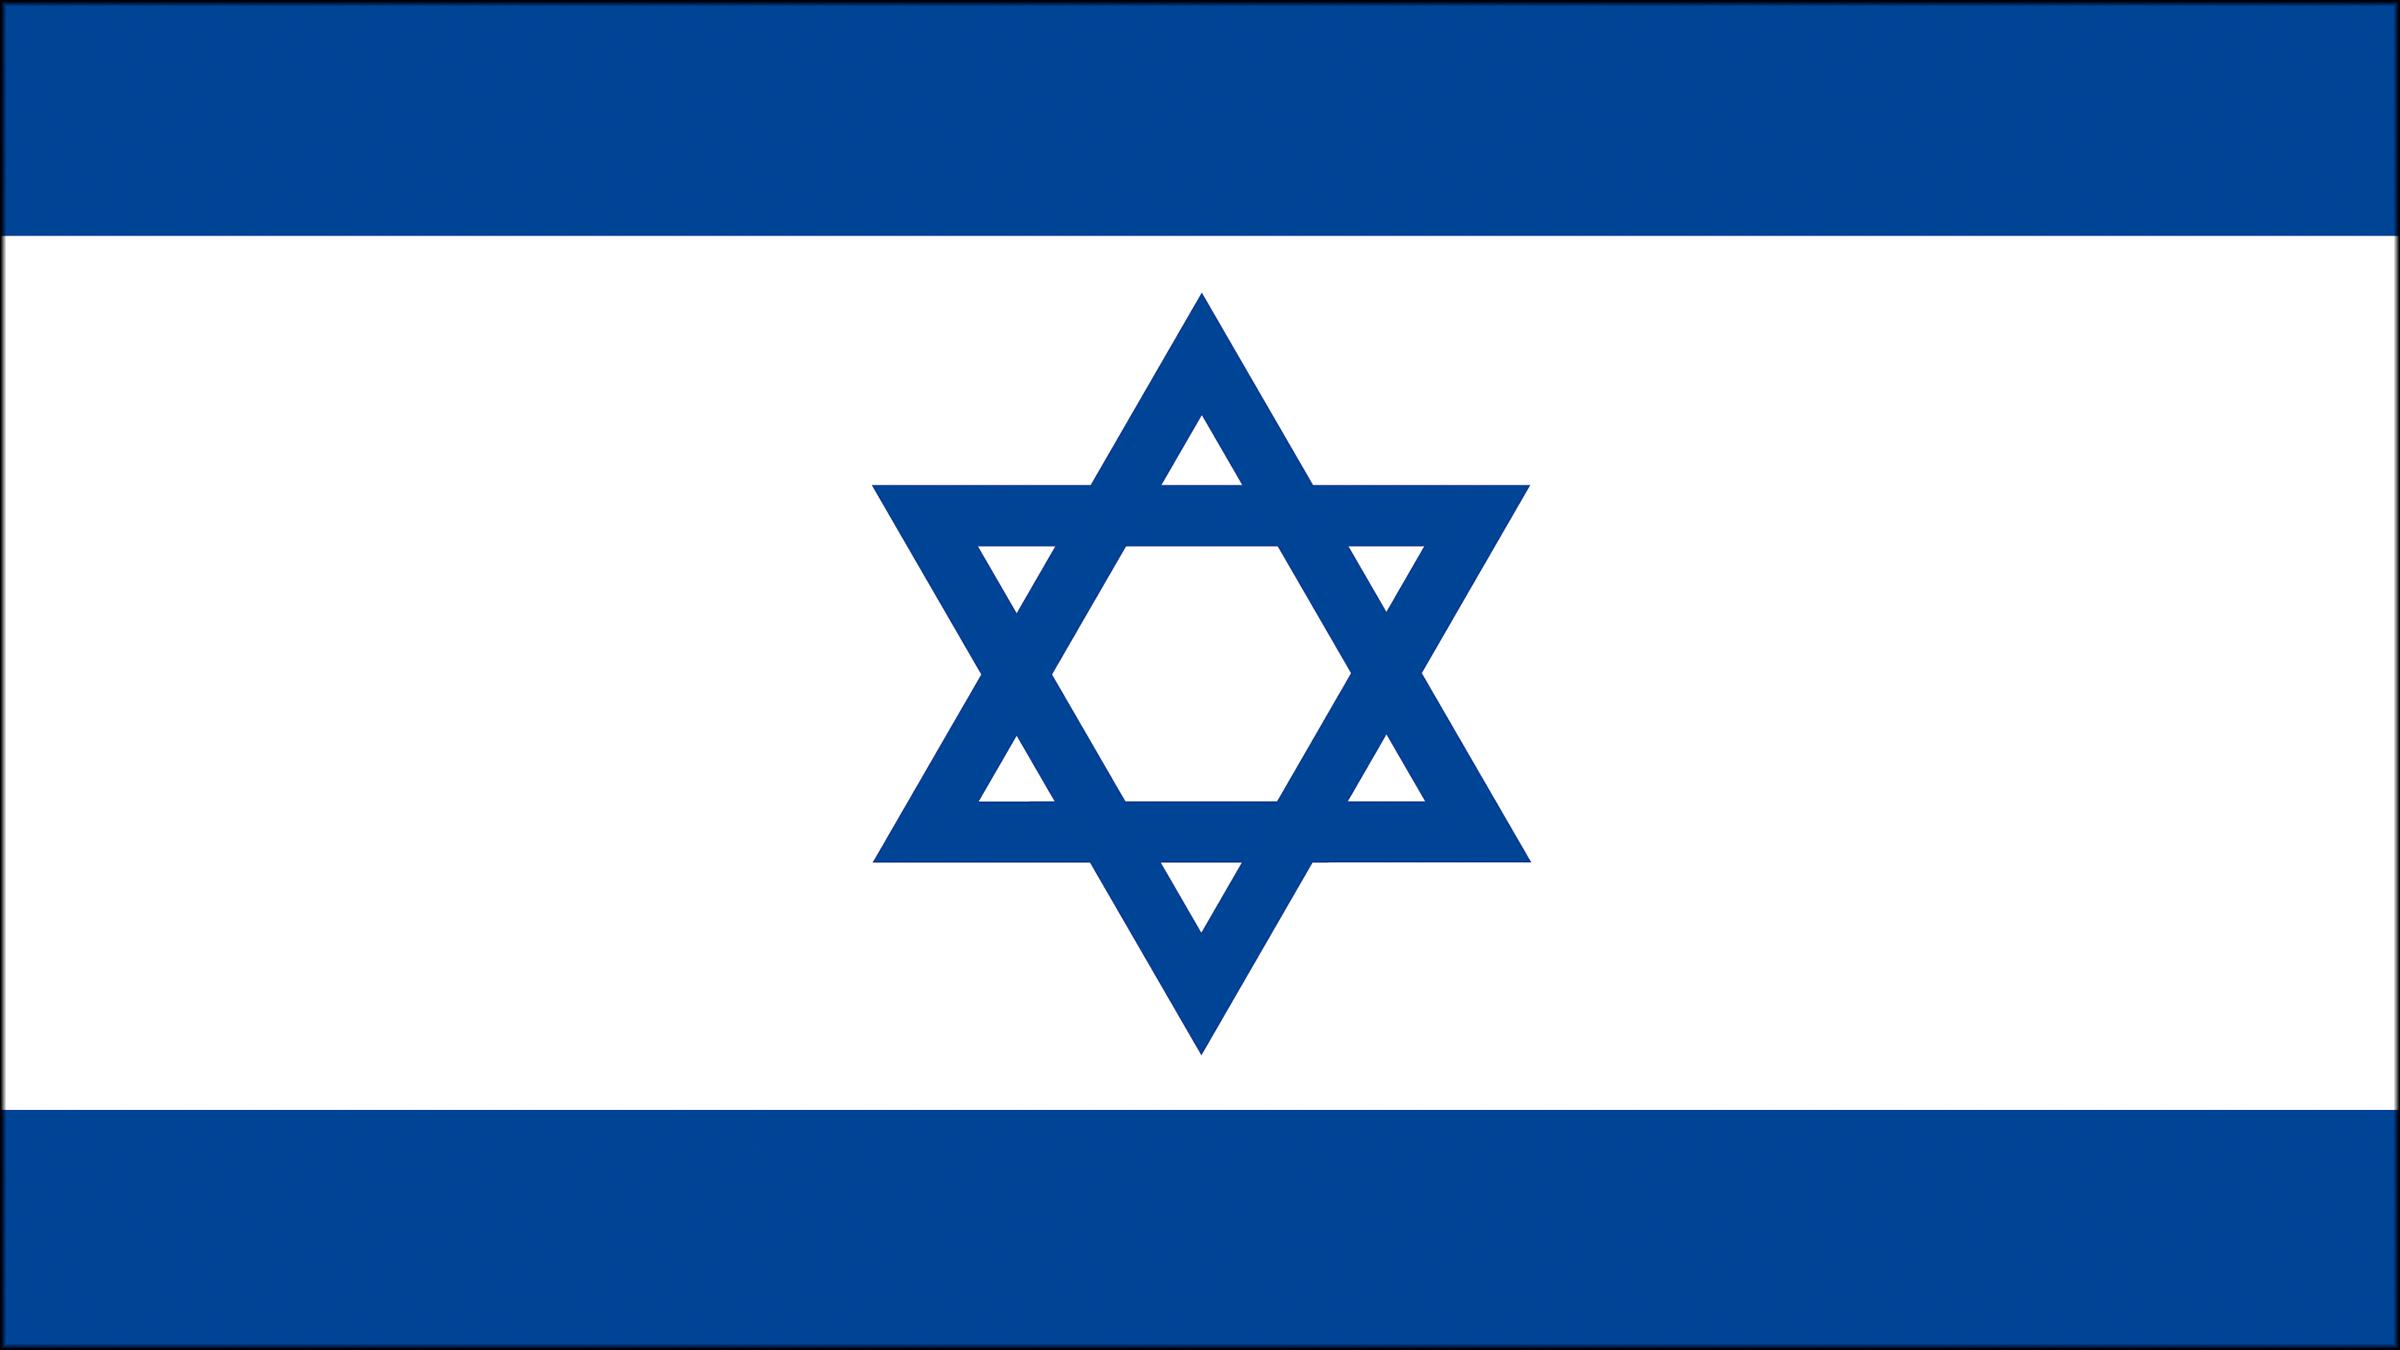 Israel y su bandera con la estrella de david - Fotos banera ...